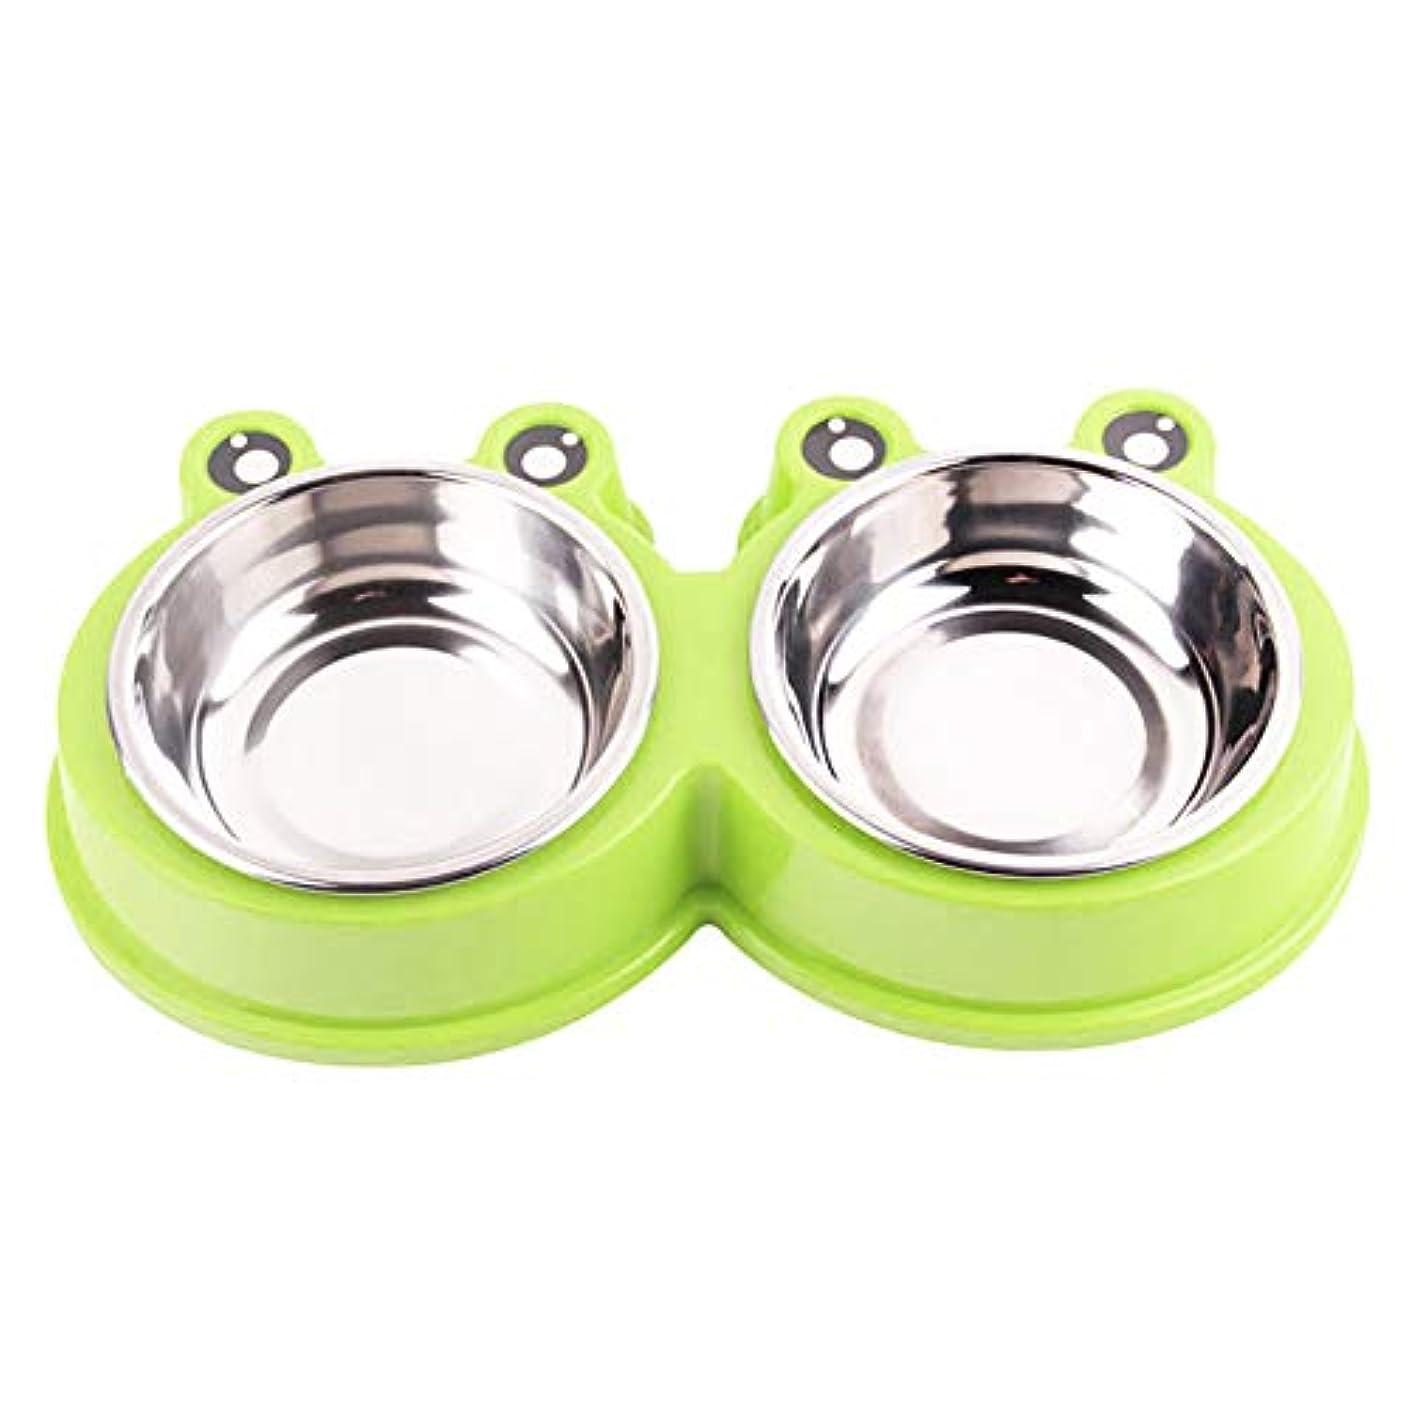 ペットボウル 食器 給水器 犬用 猫用 ステンレス製ペット皿 二つボウル付き (Green/Standard